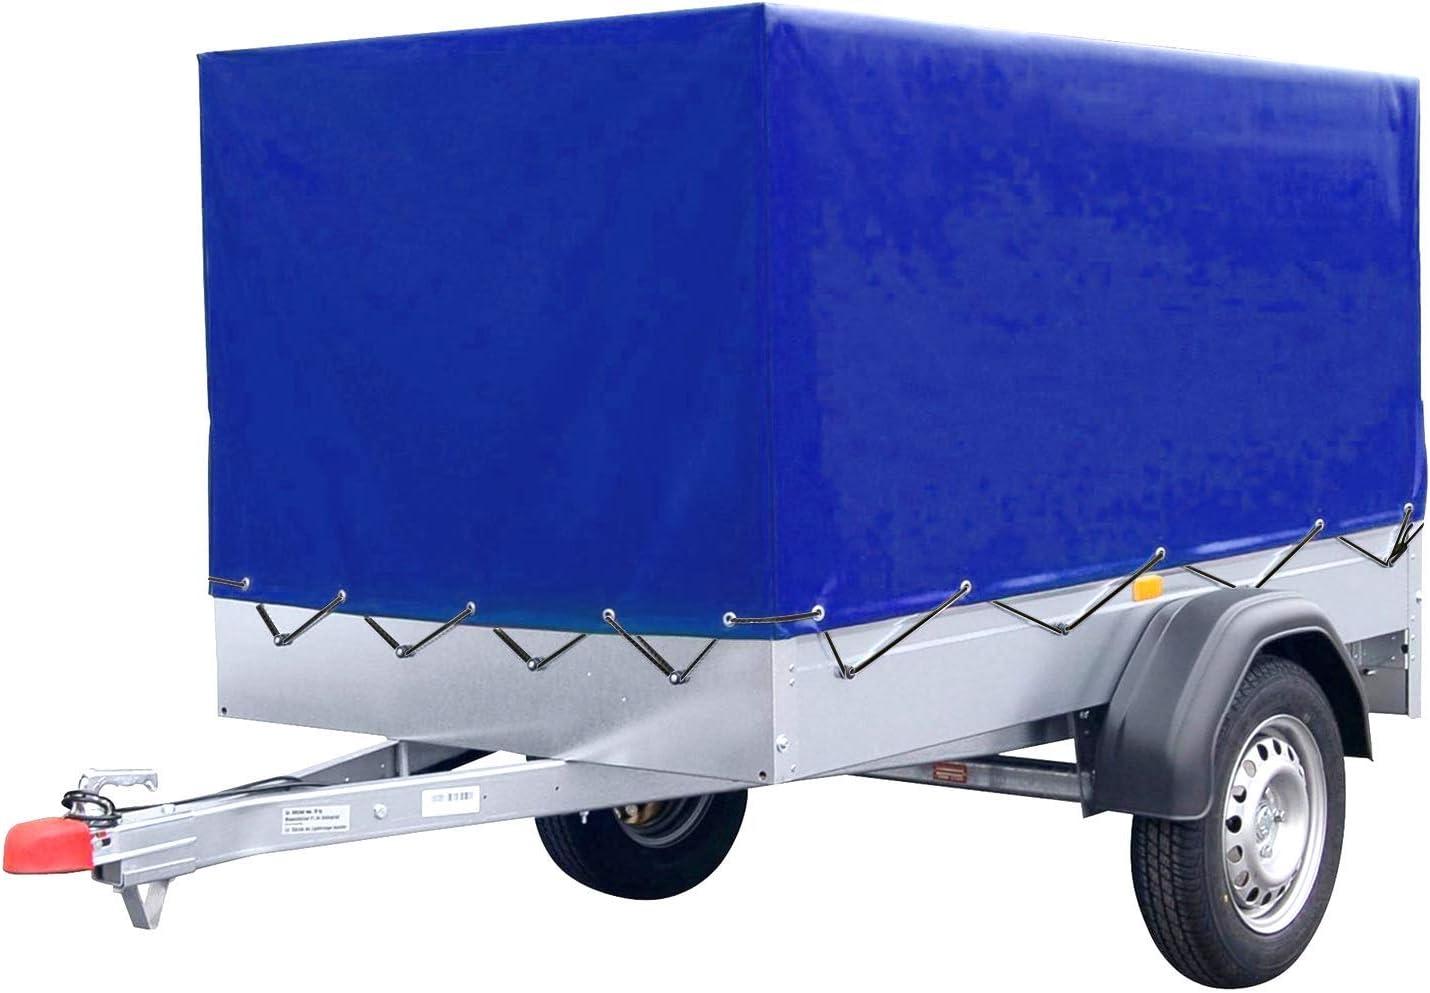 Fixkit Anhängerplane Blau Hochplane Mit Gummigurt 2100x1140x880 Mm Für Anhänger Auto